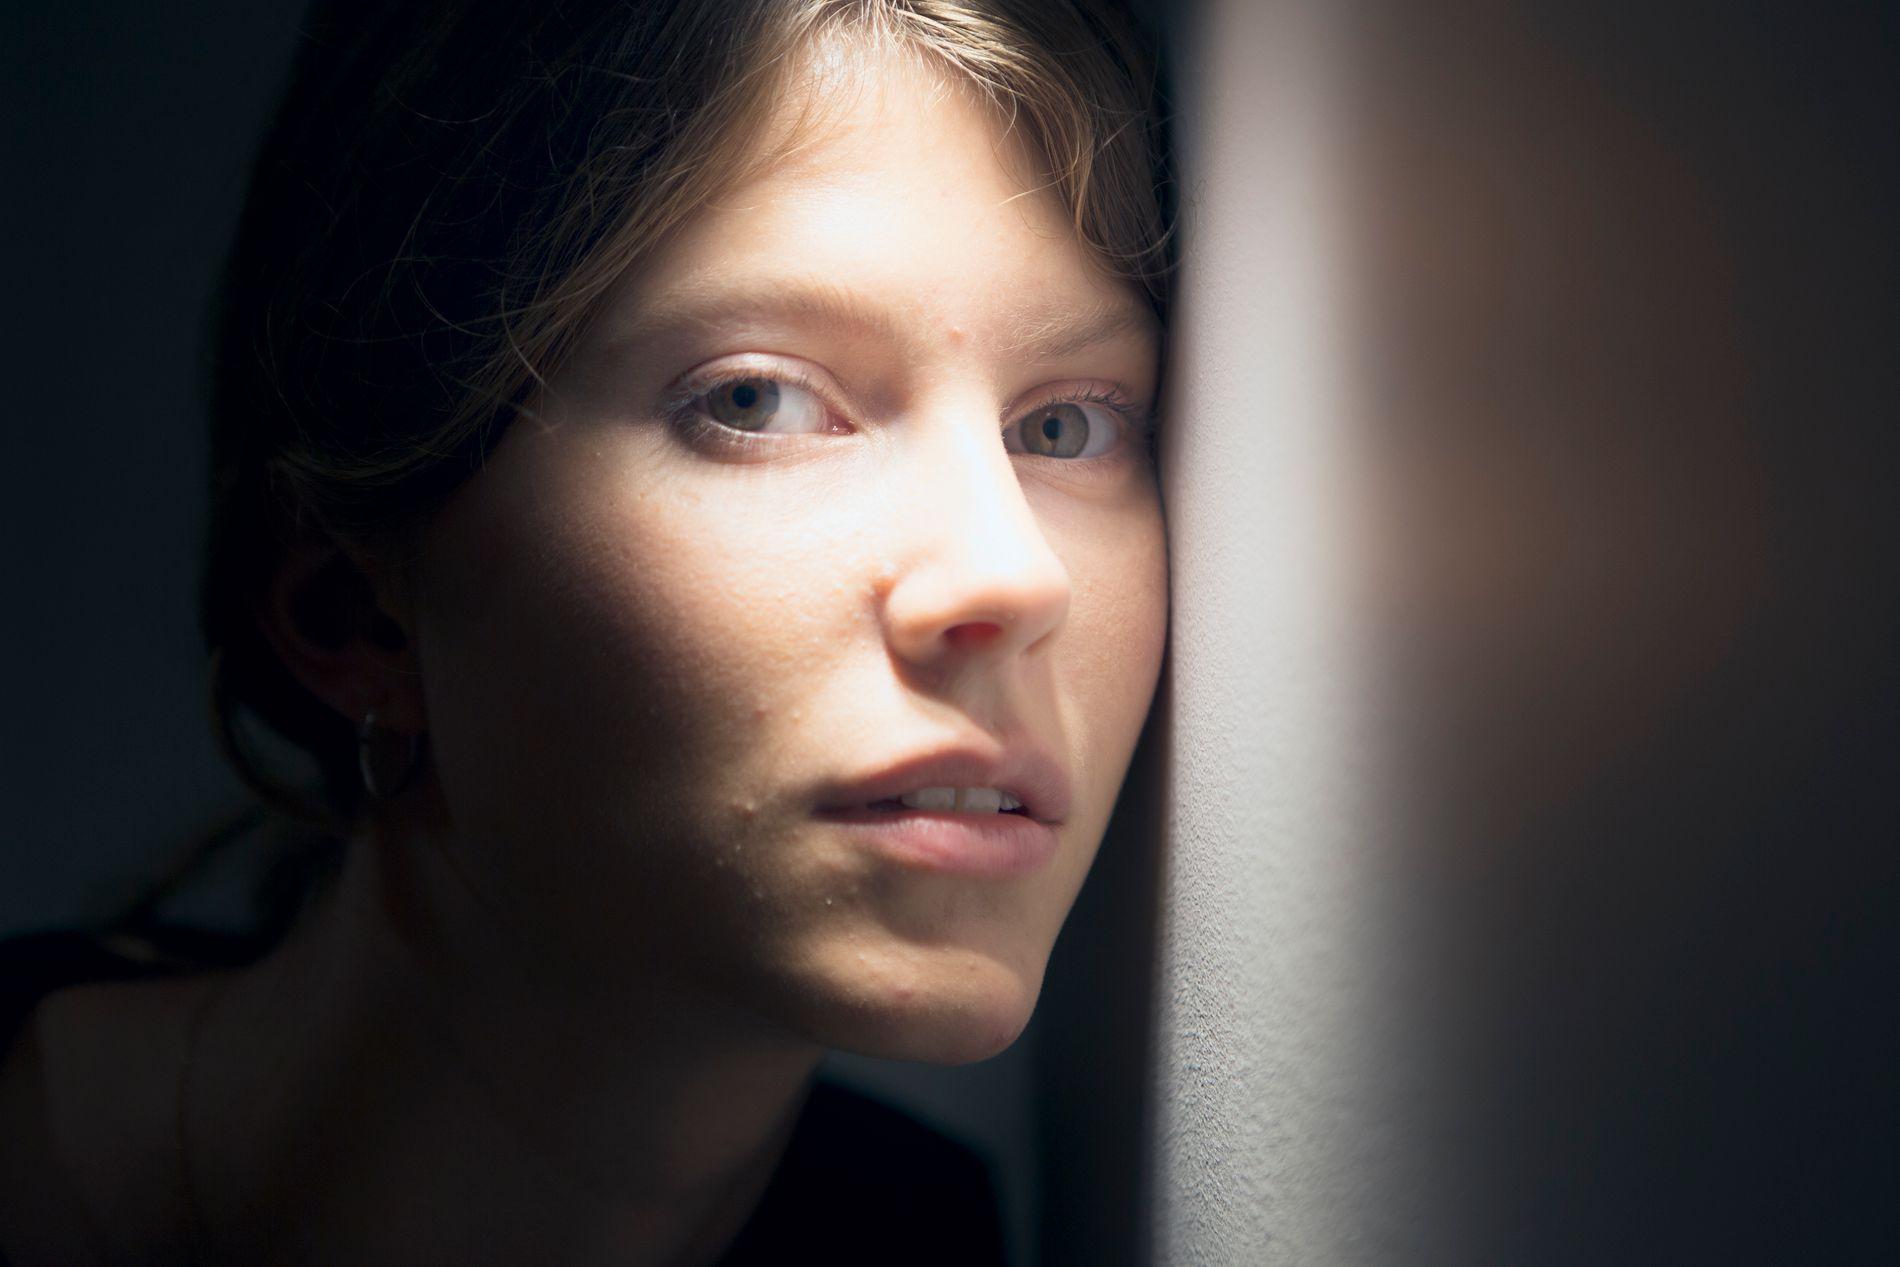 FLEST NOMINASJONER: Filmen «Thelma» er nominert med hele 12 nominasjoner under Amanda-prisen.